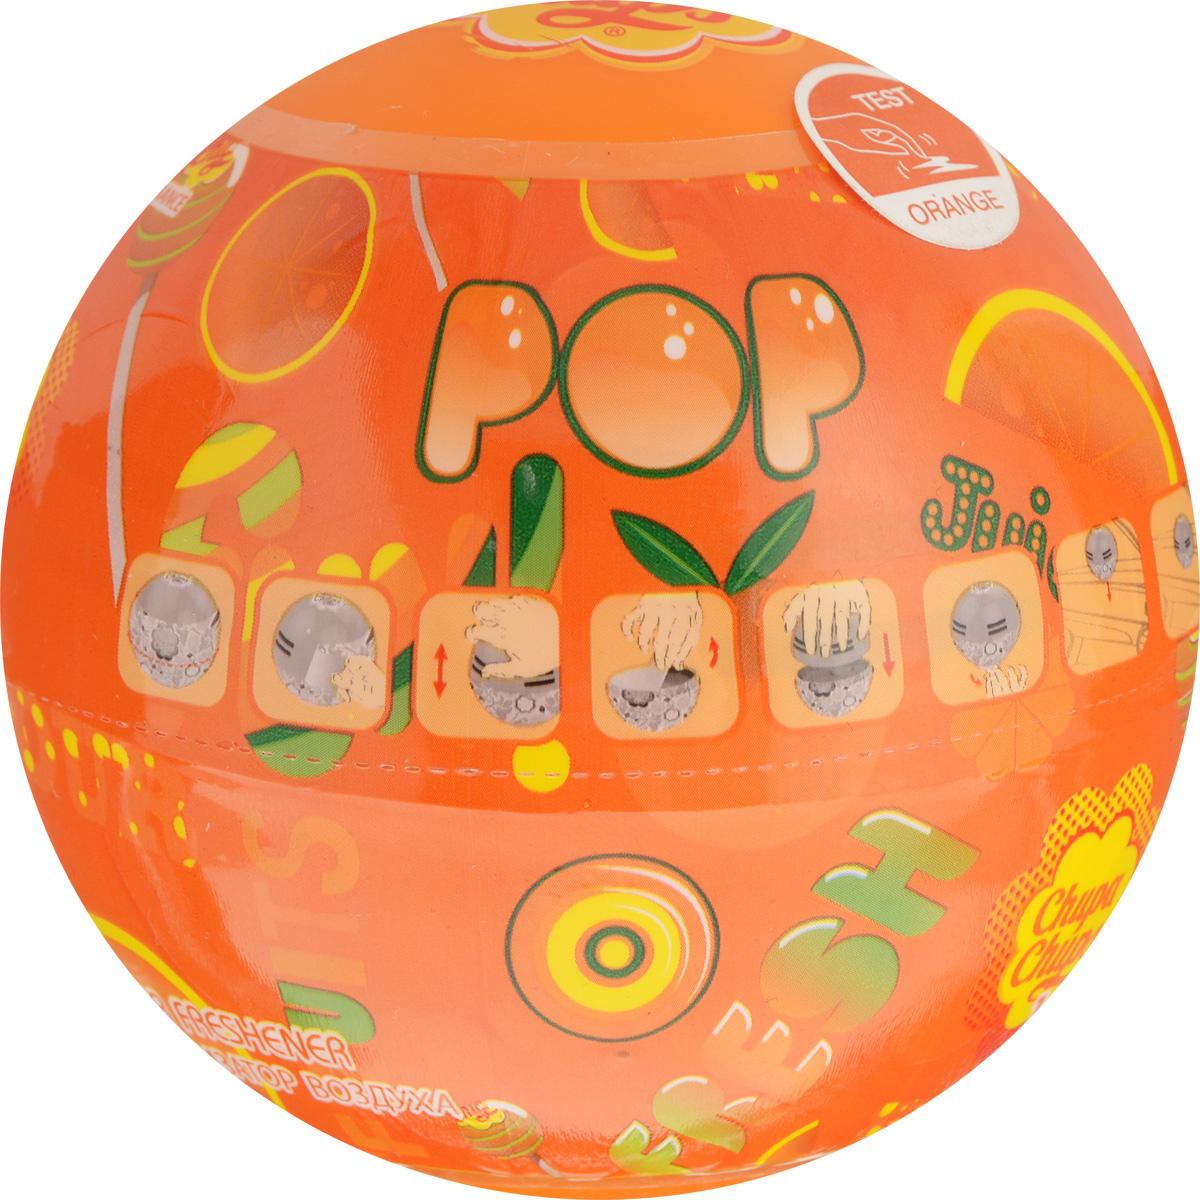 Ароматизатор воздуха Autoprofi Chupa Chups, с ароматом апельсина, на панель приборов, гелевый, 100 млCHP601Круглый гелевый ароматизатор воздуха на панель приборов выполнен в виде огромного леденца Chupa Chups. Предназначен для автомобиля, дома или офиса. Такой ароматизатор подарит яркие эмоции своим сочным ароматом и оригинальным дизайном. Срок службы 45 дней. Состав: дипропиленгликоль - 10%, линалоо - 10%, цитронеллол - 1%, цитрал - 1%, гераниол - 5%, гарденол - 15%, дистиллированная вода - 80,5%, полиэтиленгликоль - 15/ПЭГ-40 гидрогенизированное касторовое масло/пропиленгликоль - 5%, этиловый спирт - 5%. Товар сертифицирован.